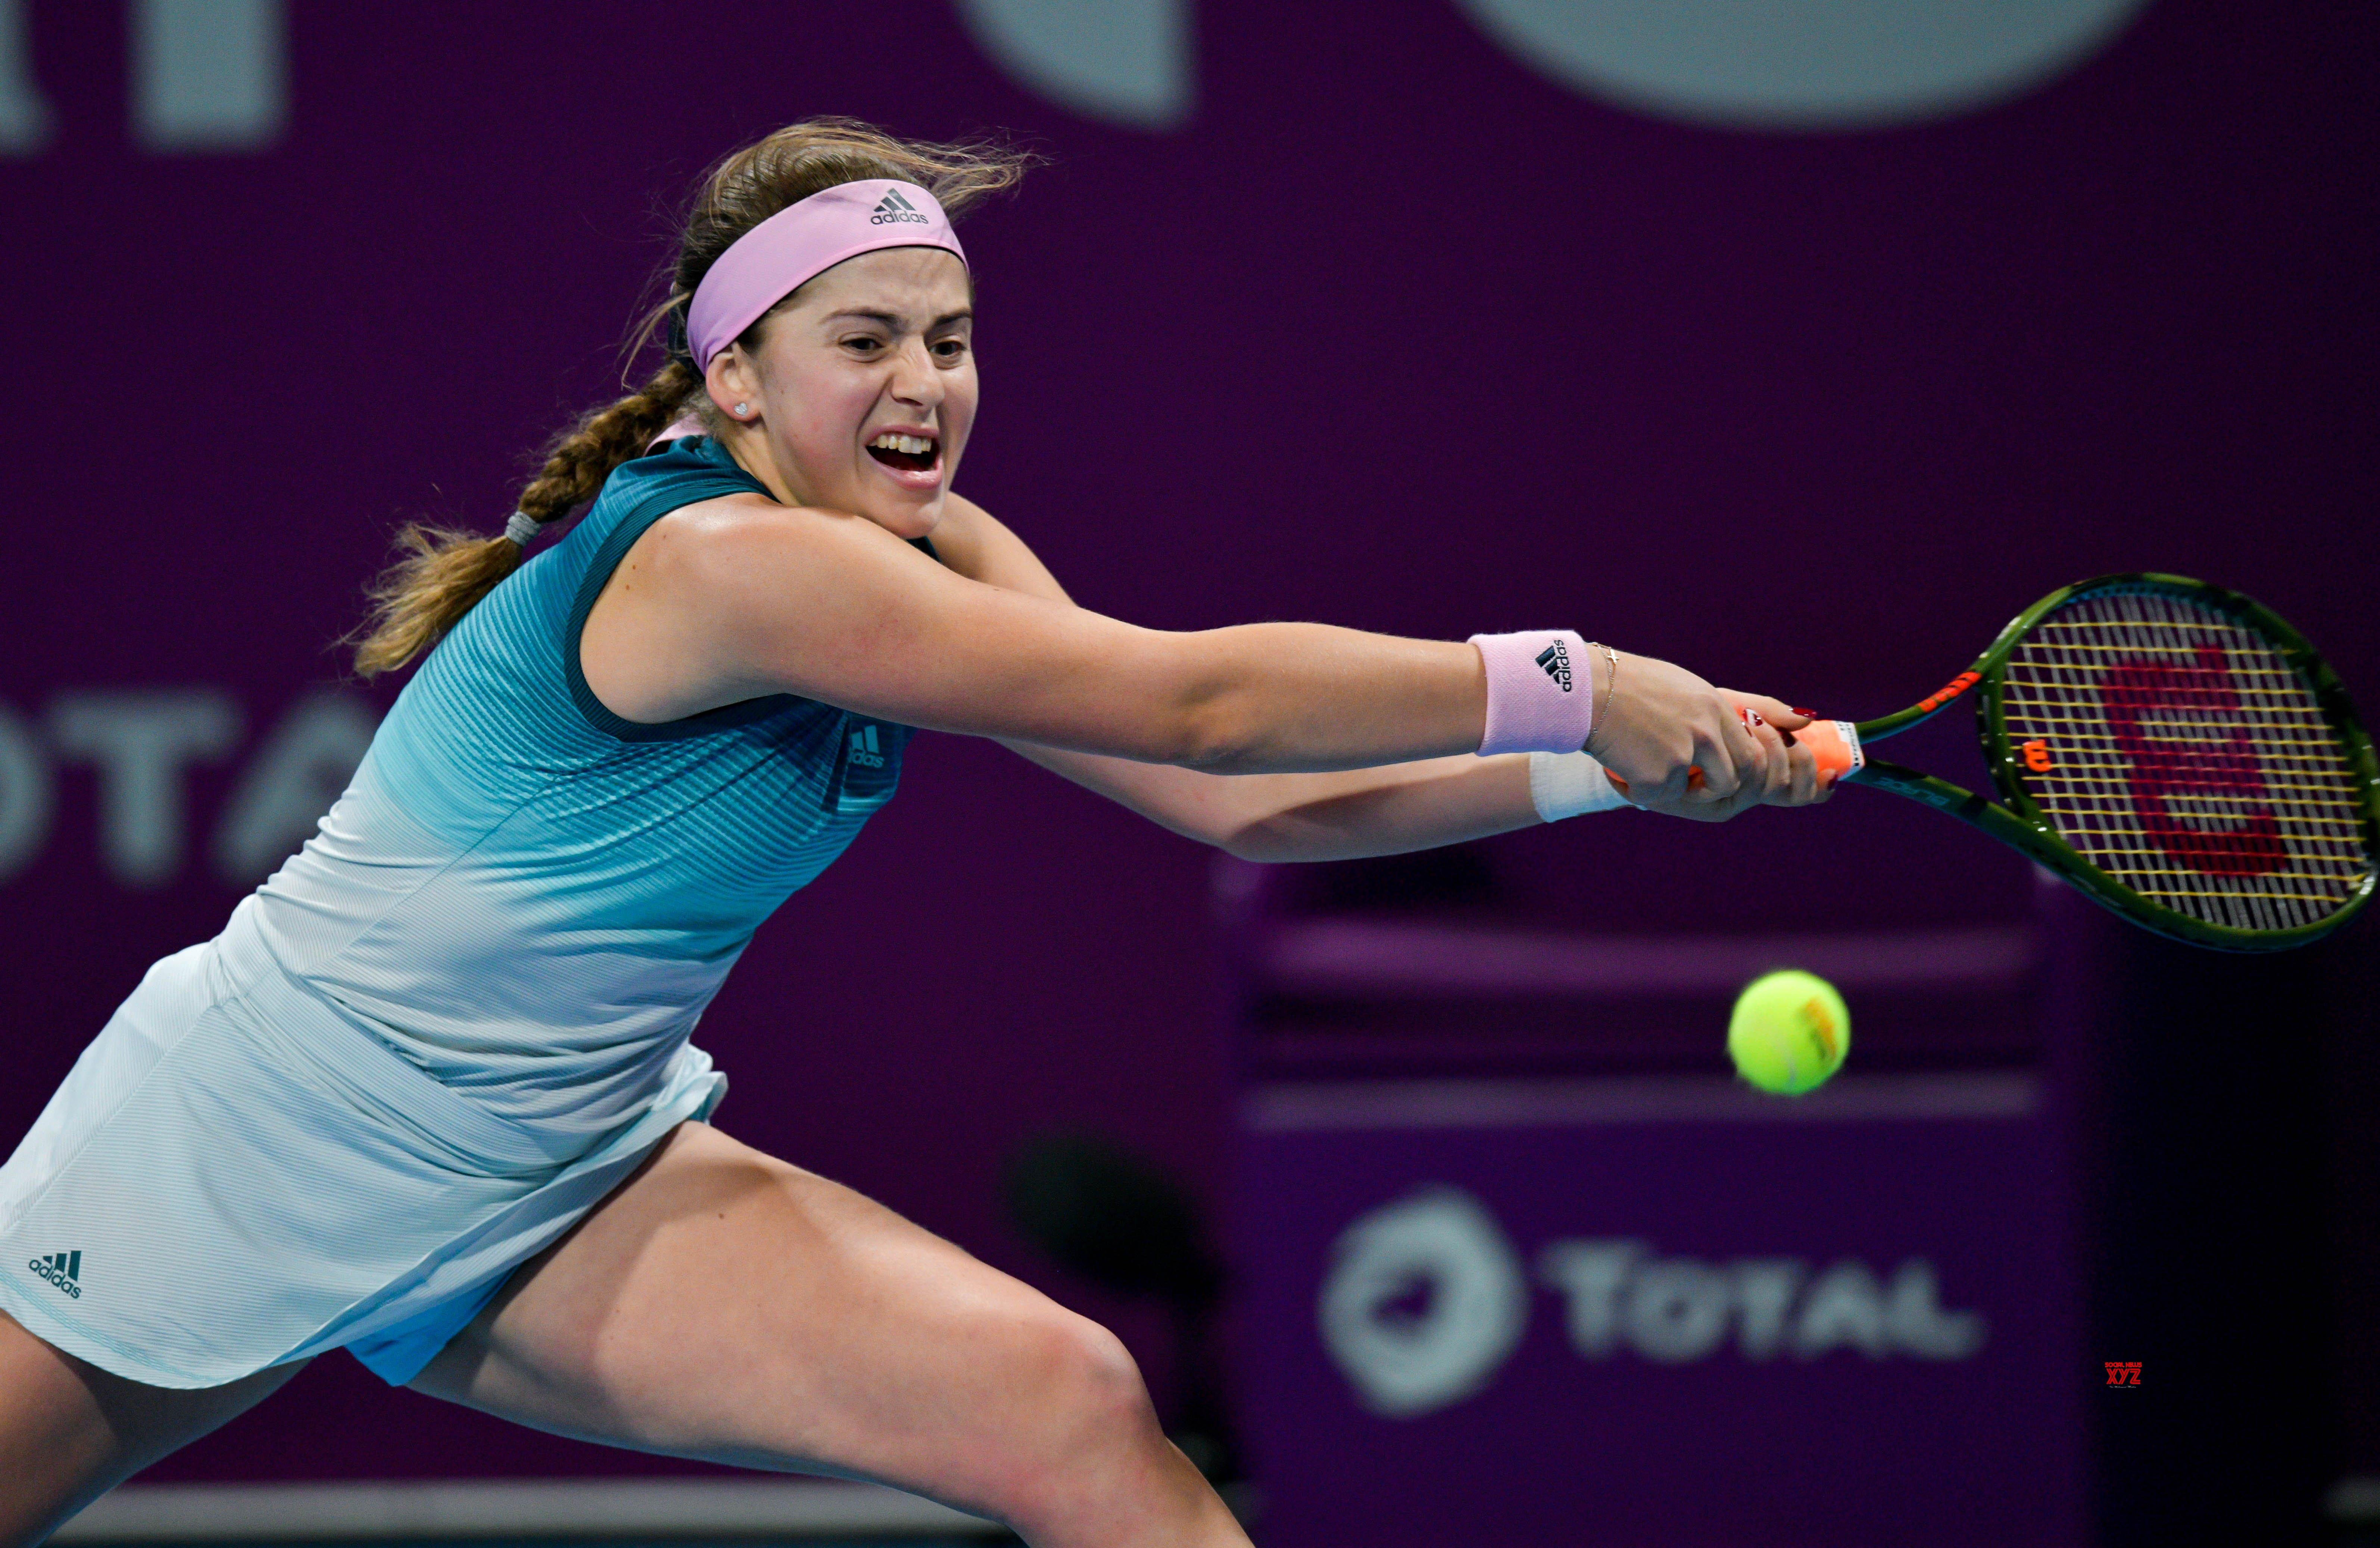 QATAR - DOHA - TENNIS - 2019 WTA QATAR OPEN #Gallery